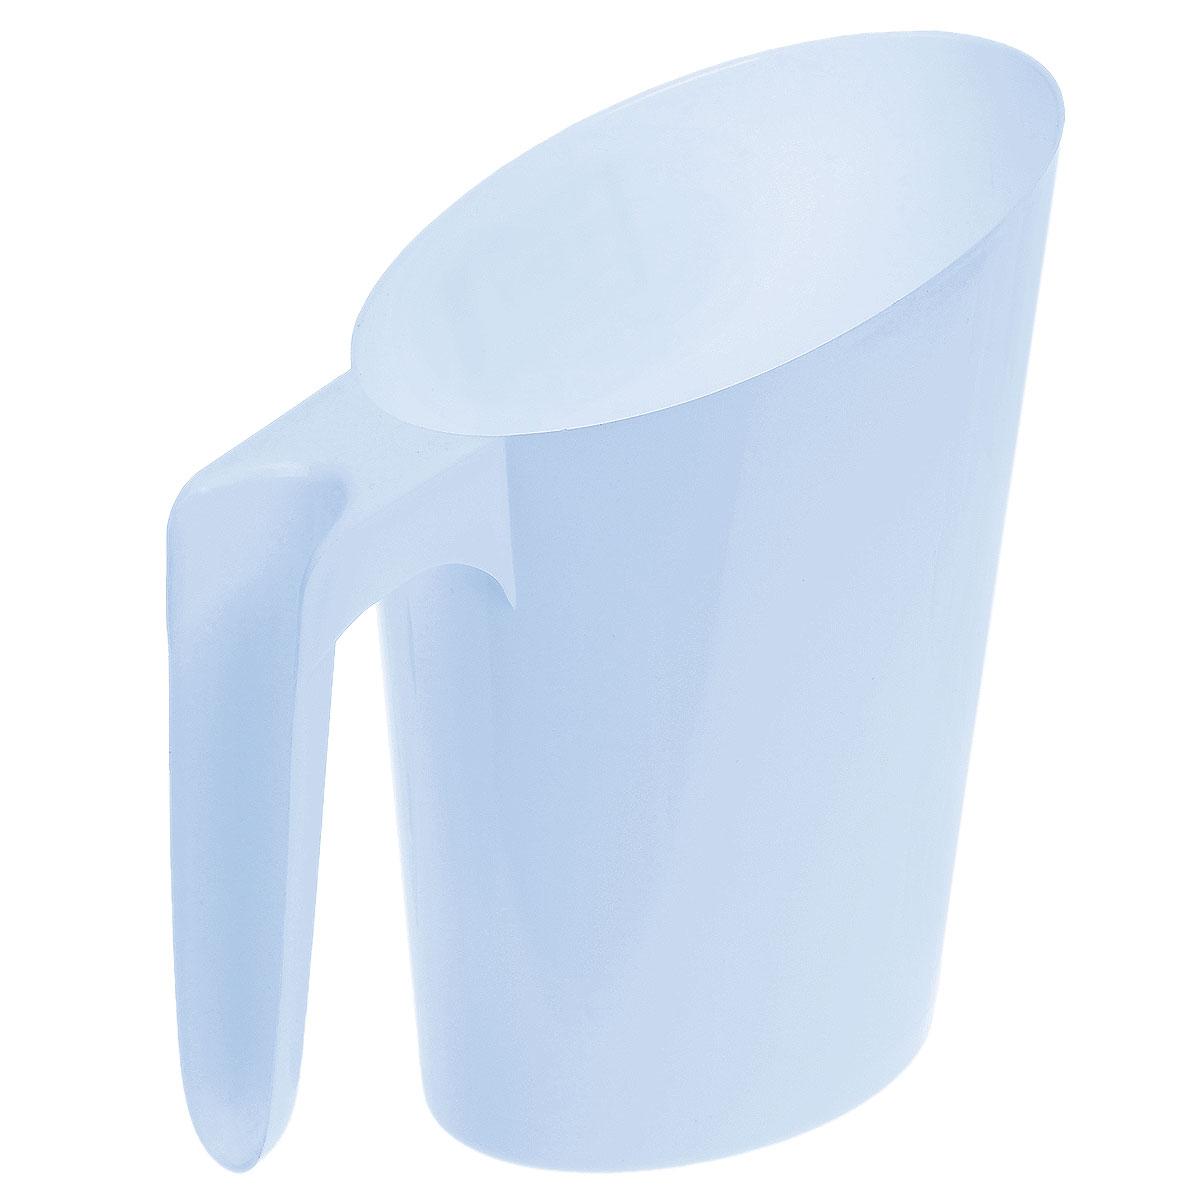 Кувшин-подставка для молочного пакета Idea, цвет: голубойМ 1216_голубойКувшин-подставка для молочного пакета Idea изготовлен из высококачественного пищевого полипропилена (пластика). Изделие предназначено для хранения пакетов с кефиром и молоком, что очень удобно, так как такие пакеты всегда протекают и их очень неудобно хранить. Кувшин-подставка с легкостью решит эту проблему. Изделие практичное, функциональное, имеет стильный современный дизайн. Поверхность гладкая, легко чистится.